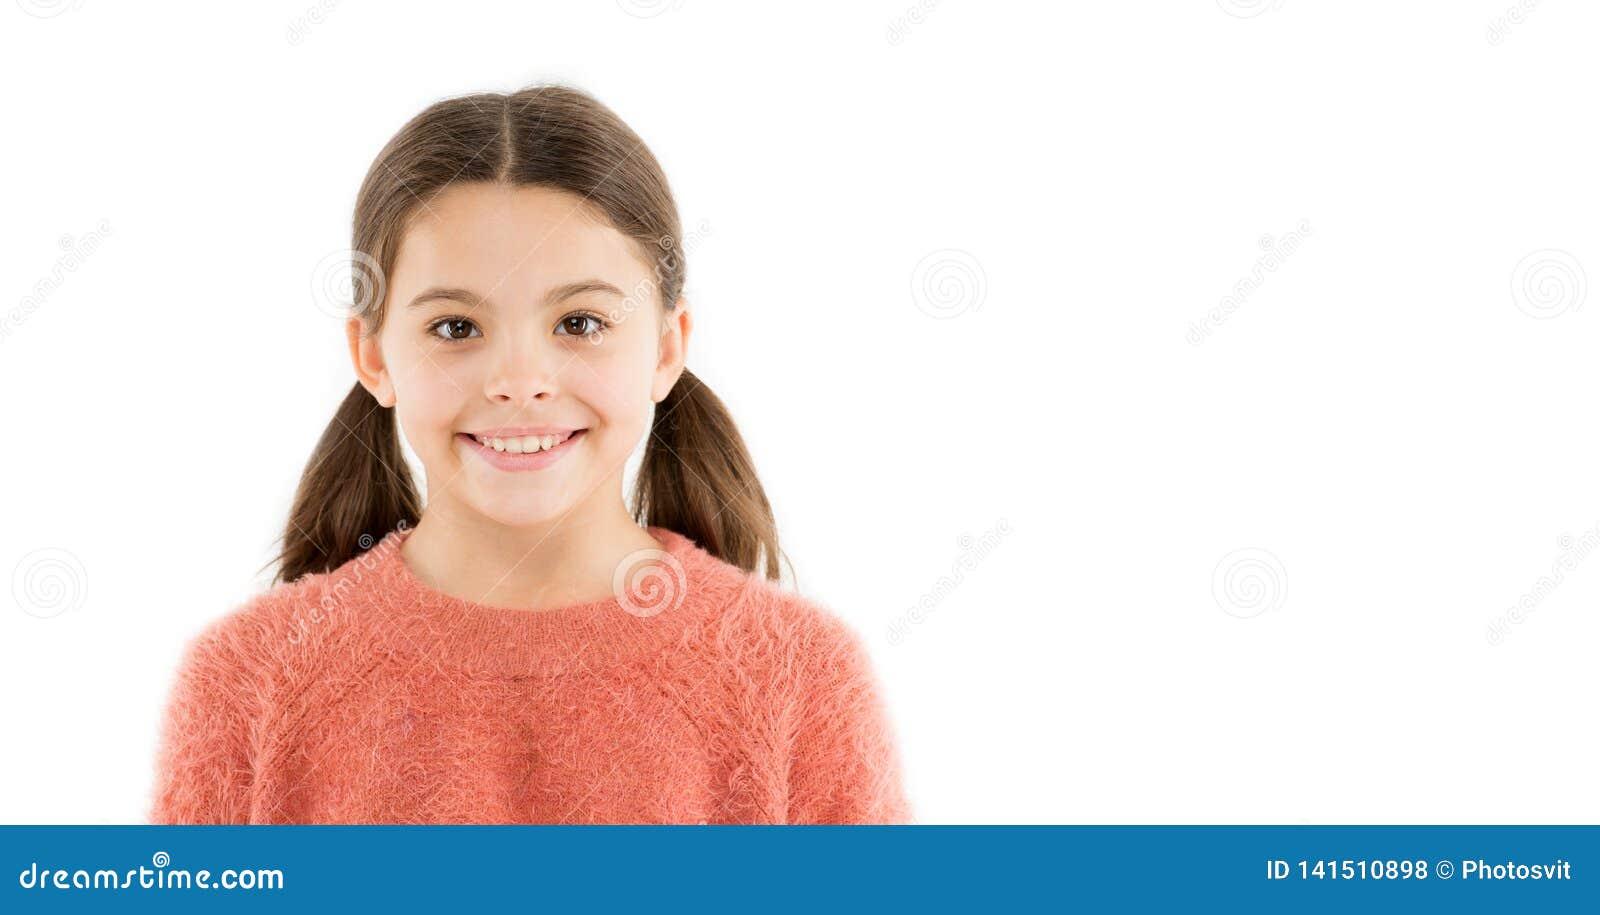 Sonrisa brillante Alegres felices del niño disfrutan de niñez Cara feliz sonriente adorable de la muchacha Niño que encanta sonri